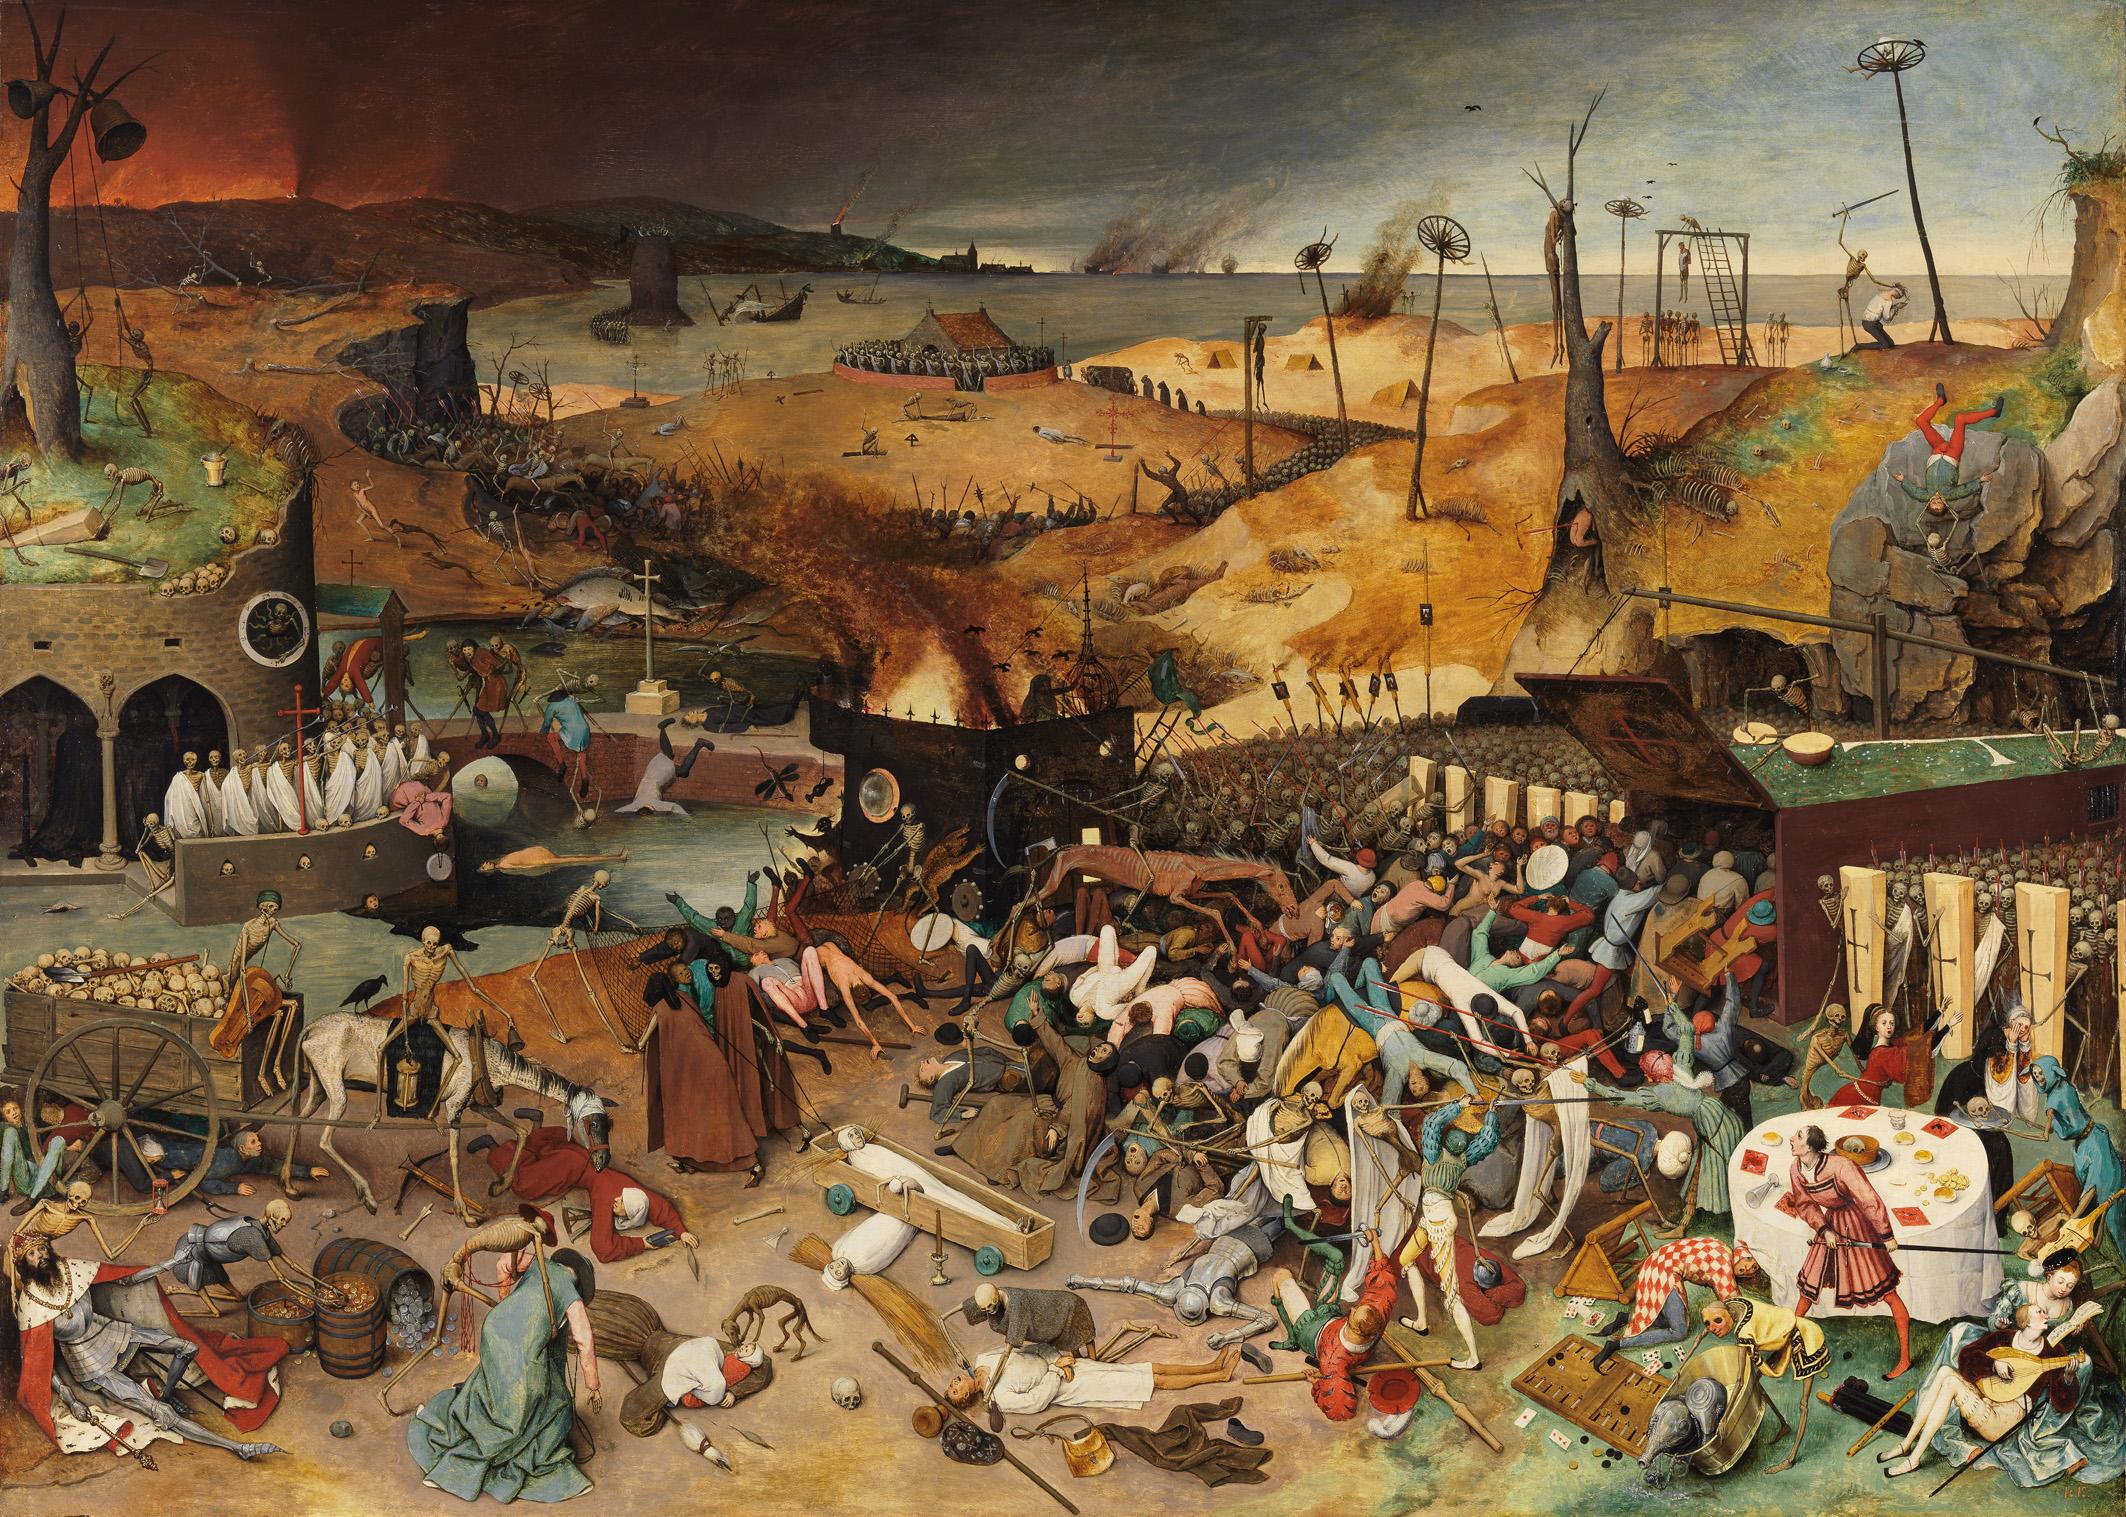 پیروزی مرگ- پیتر بروگل-1562 وانیتاس،میلاد سیاح،پیتر بروگل وانیتاس؛ نجوای مرگ                                         1562